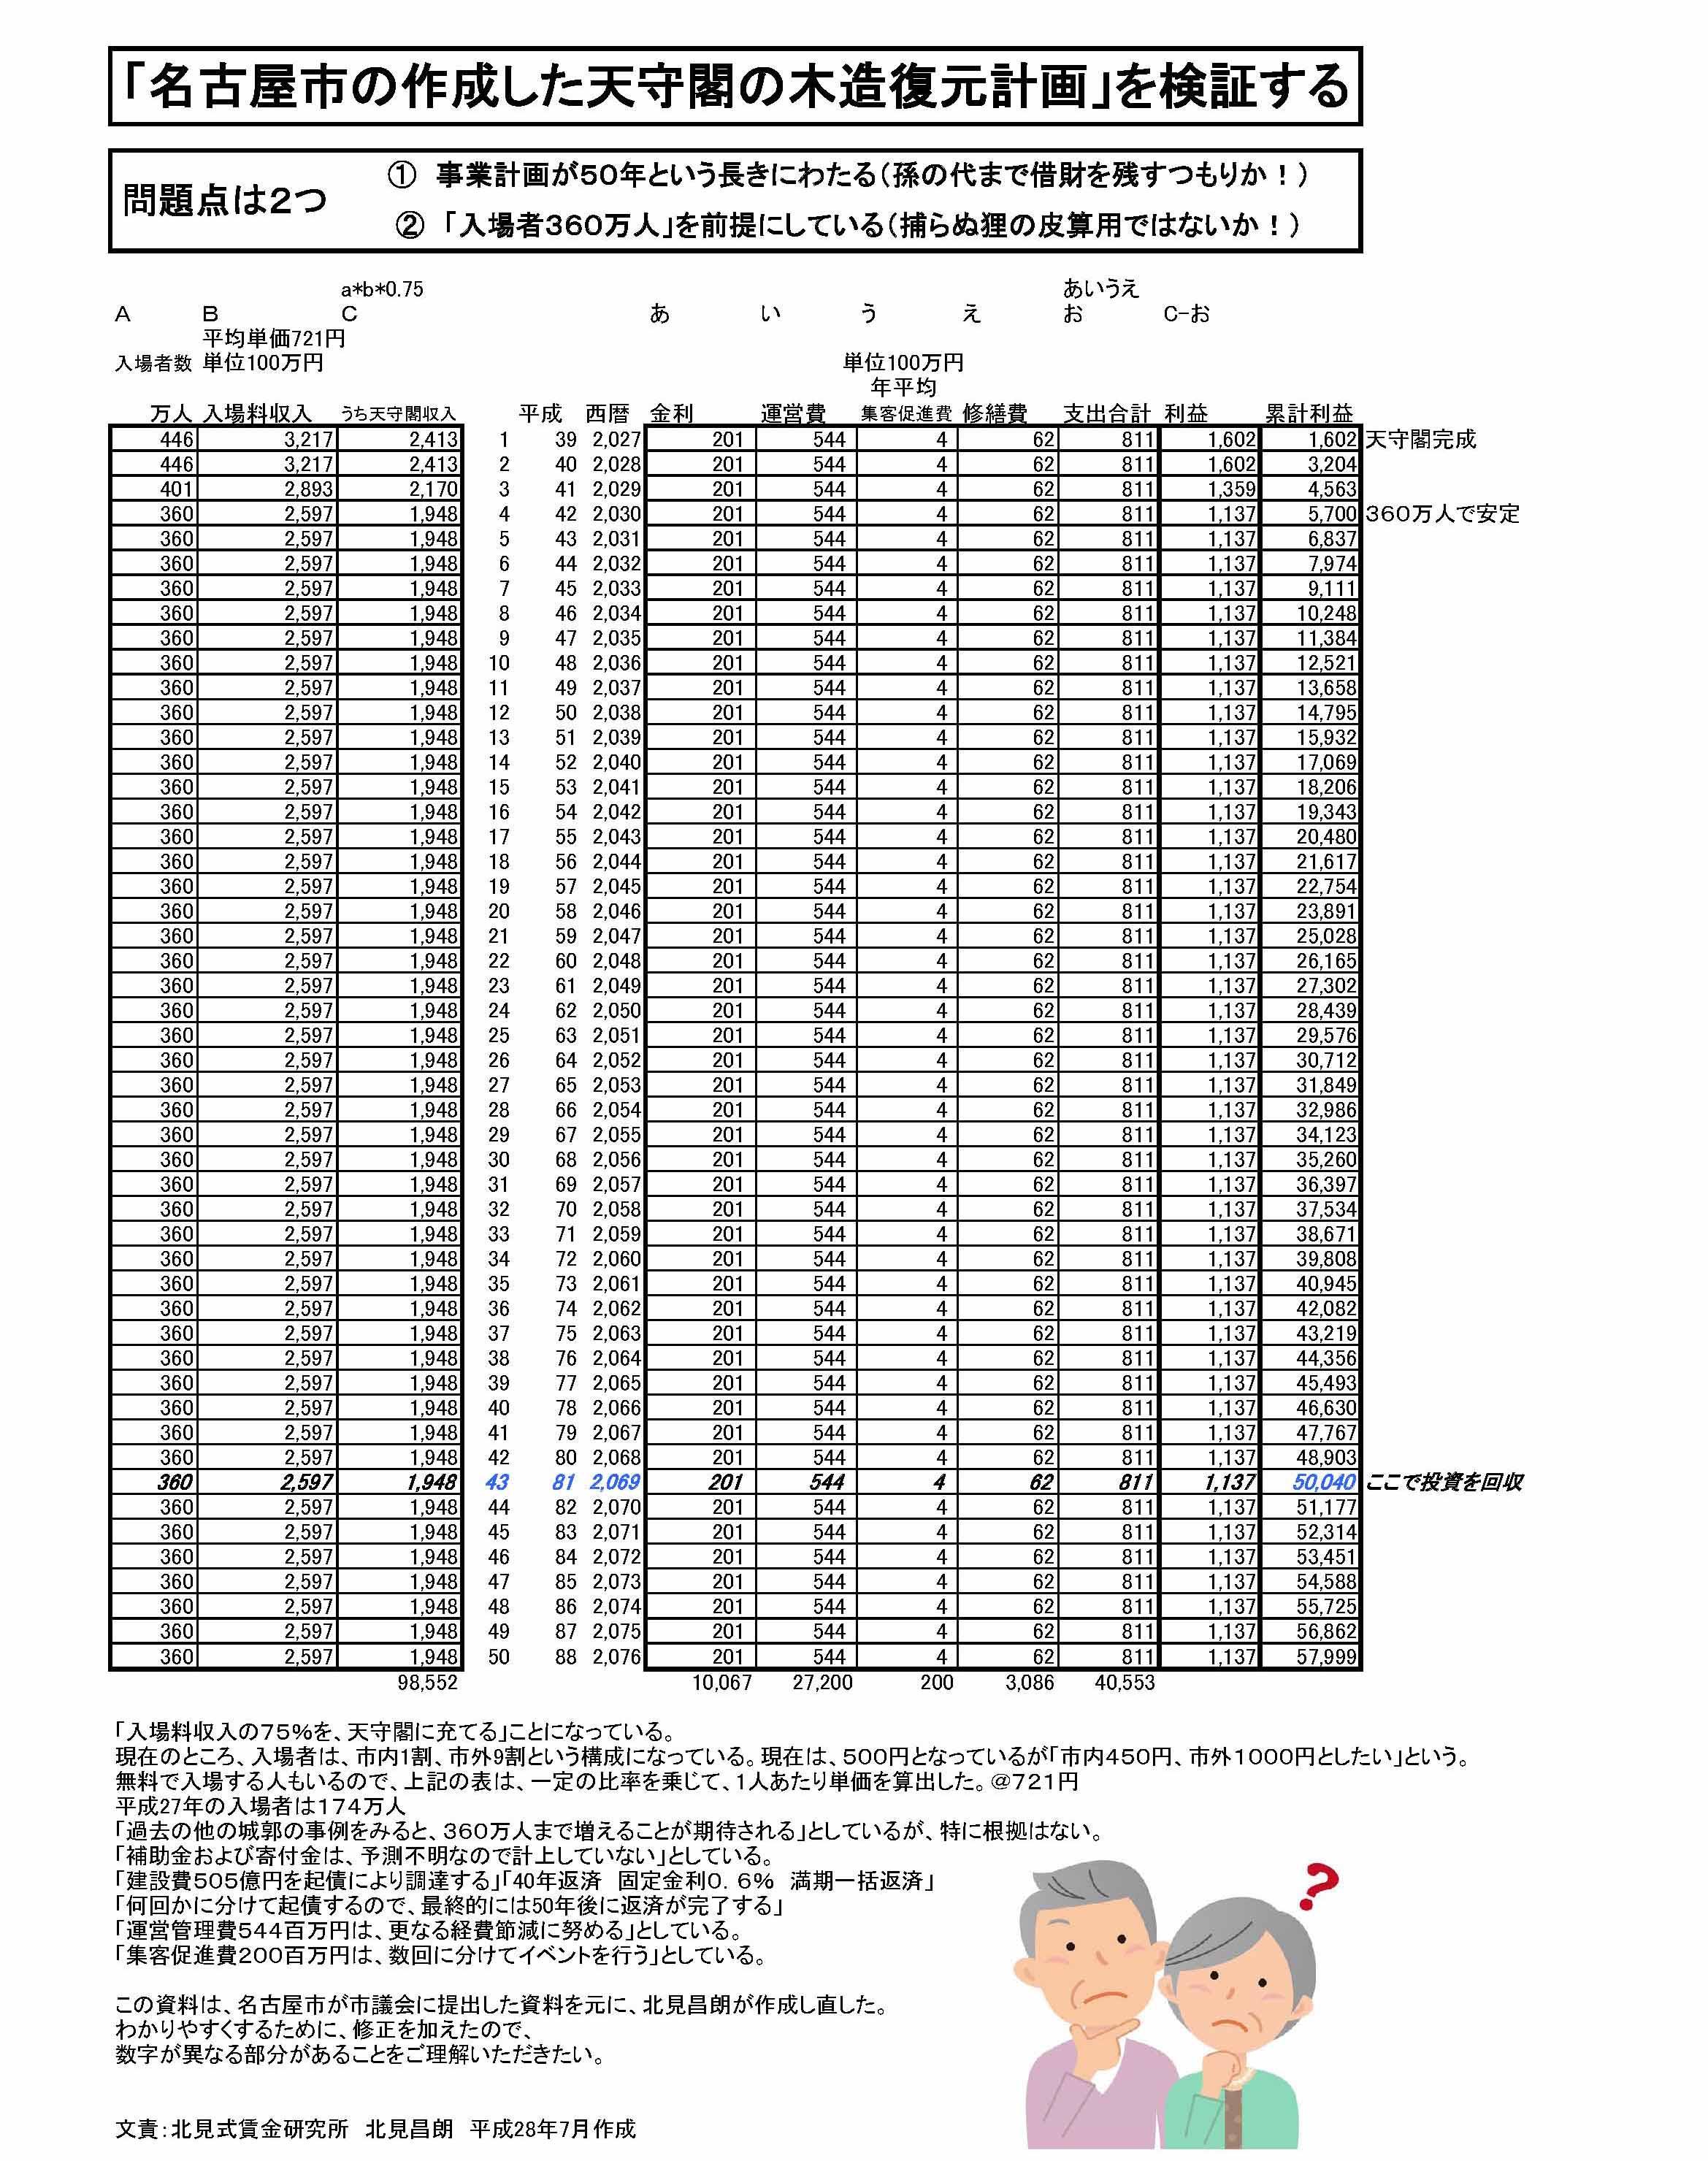 名古屋城天守閣 名古屋市の計画